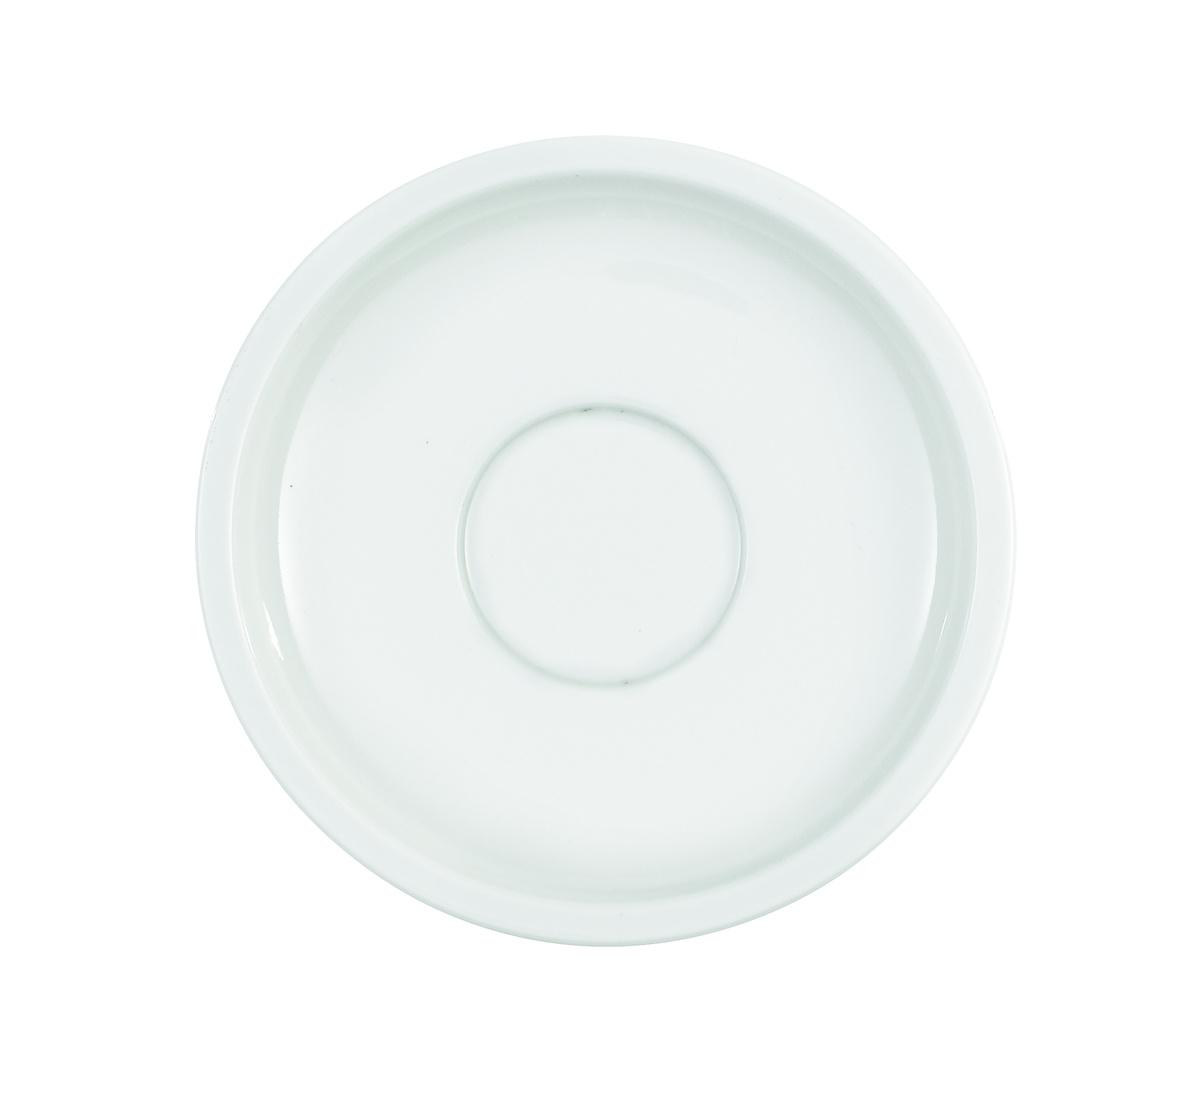 Sous-tasse à expresso ronde ivoire porcelaine Ø 13 cm Artesano Villeroy & Boch